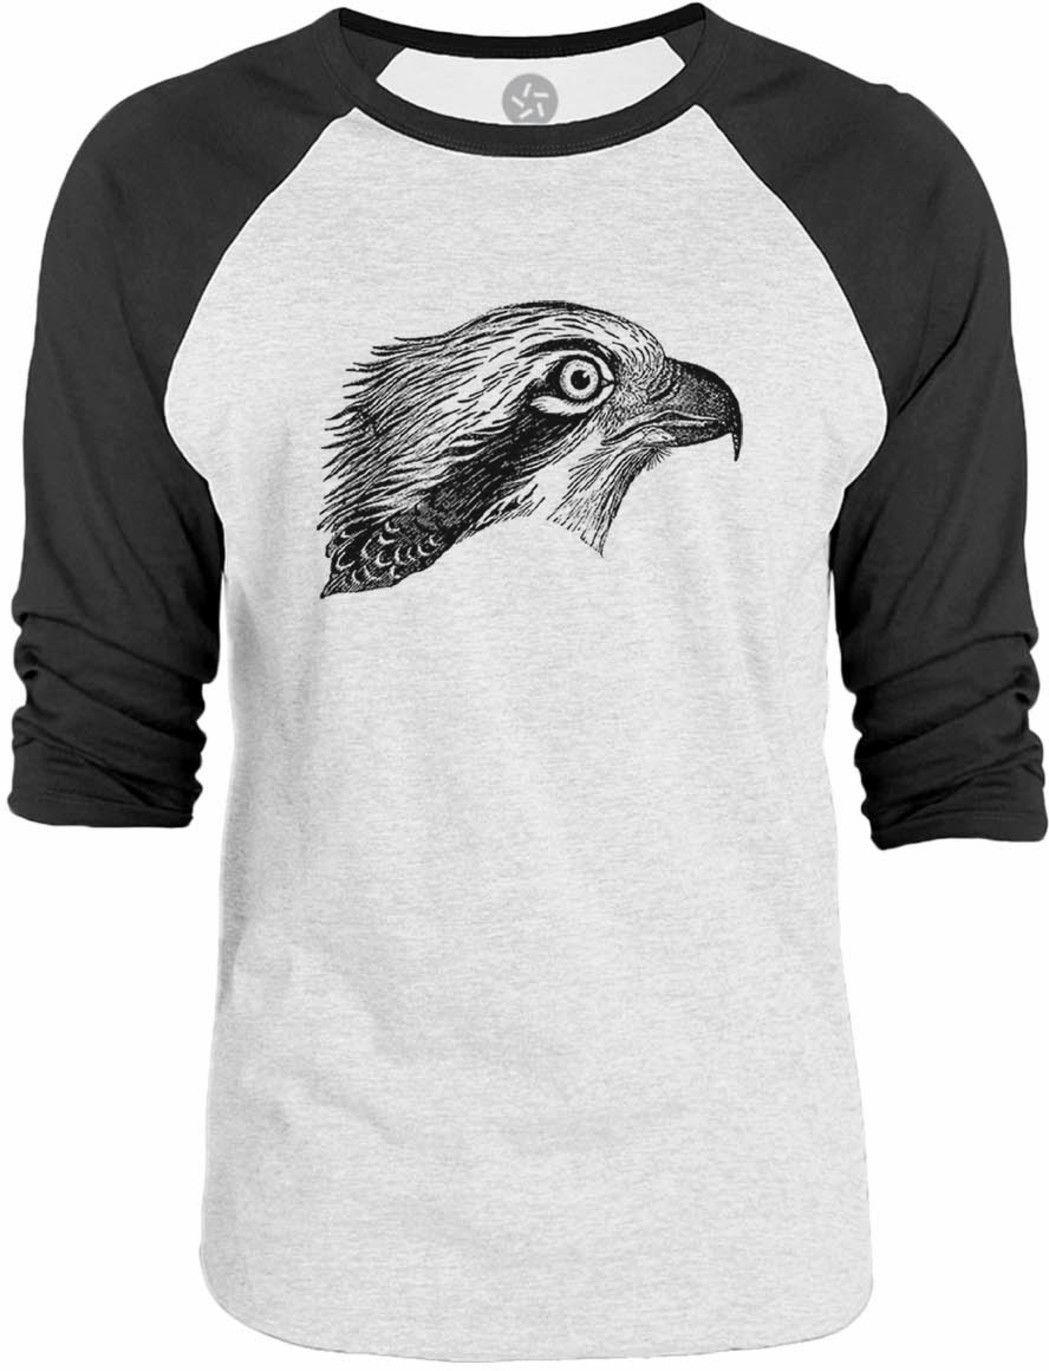 Big Texas Hawk Face 3/4-Sleeve Raglan Baseball T-Shirt